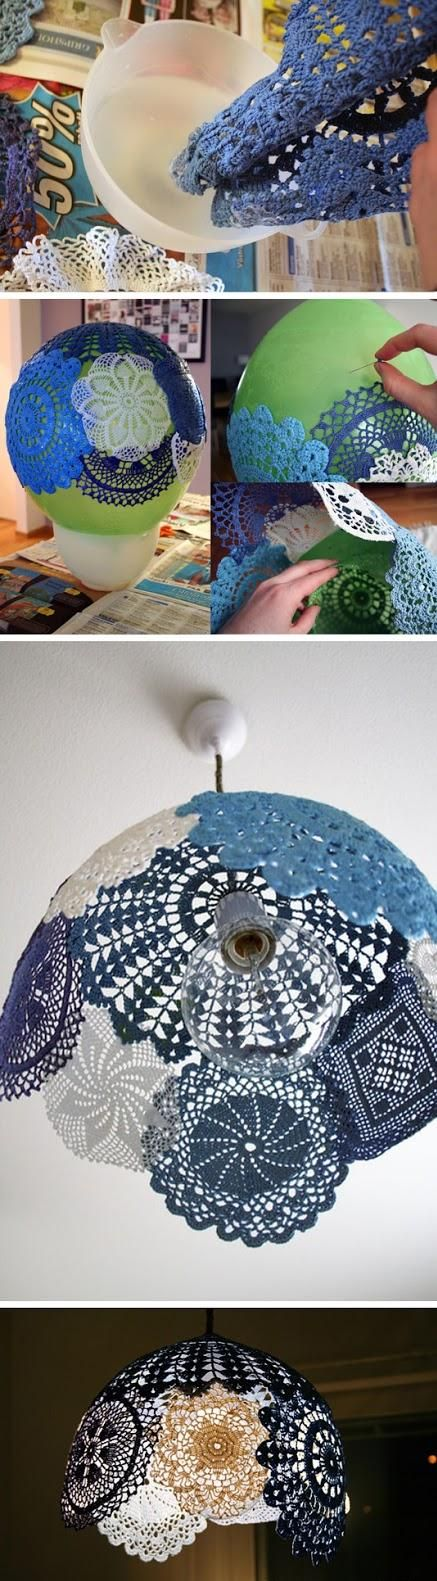 Vi synes det kunne være godt, hvis vi enten kunne bruge en stor rund ballon eller papmache til vores indvendige lampeskærm.